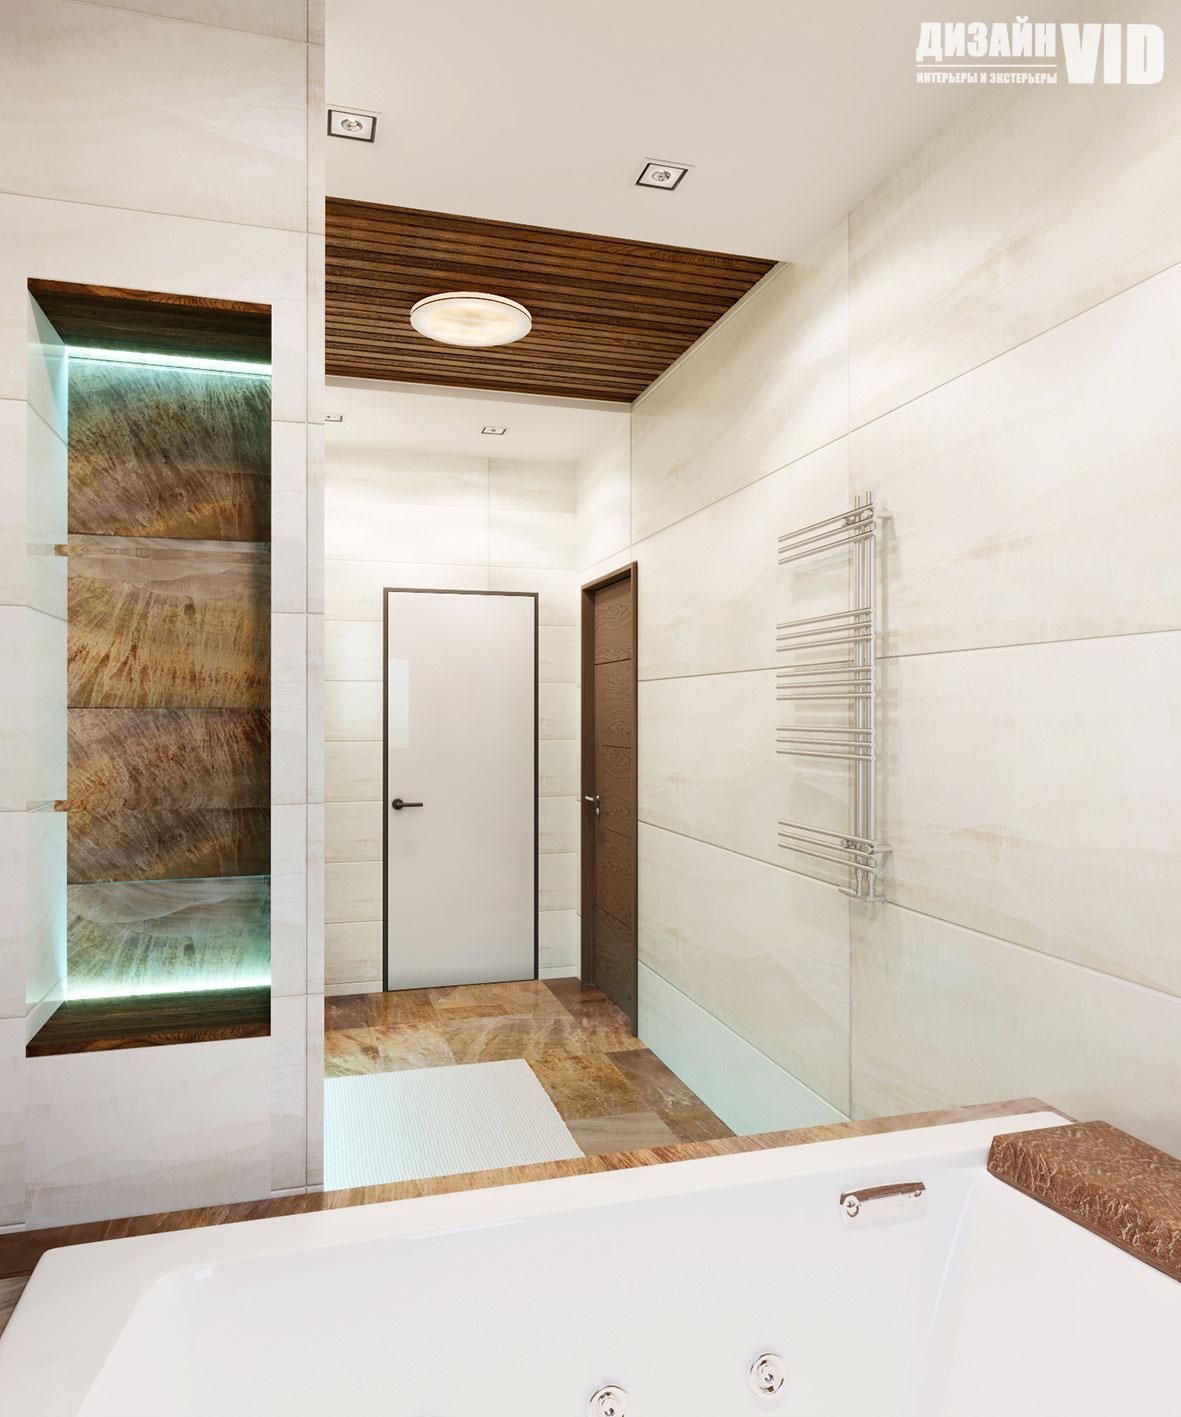 дизайн современной ванной комнаты в доме